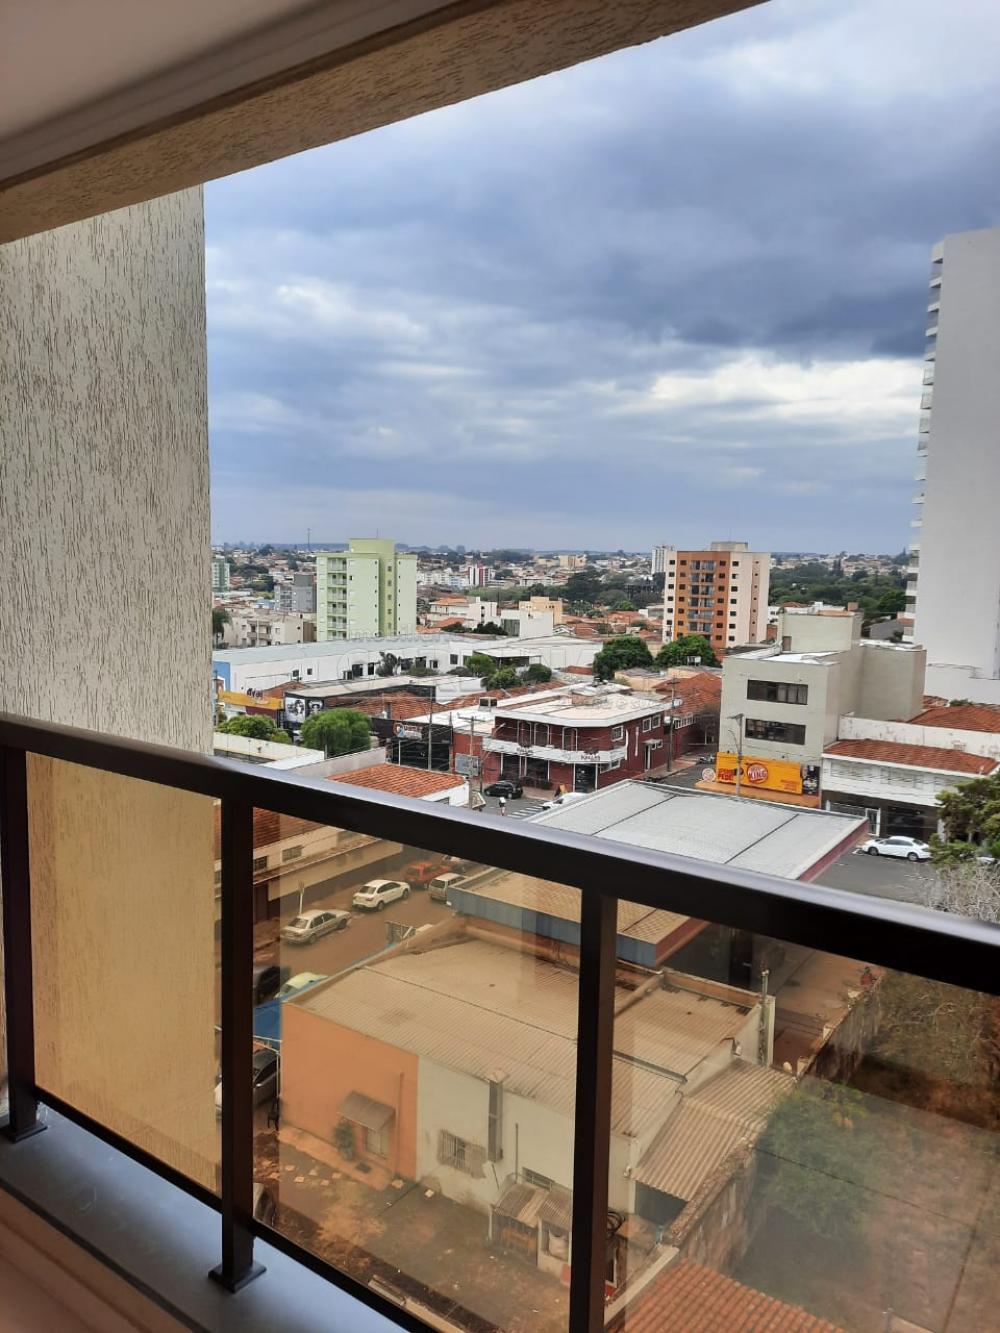 Alugar Apartamento / Padrão em São Carlos R$ 1.800,00 - Foto 7